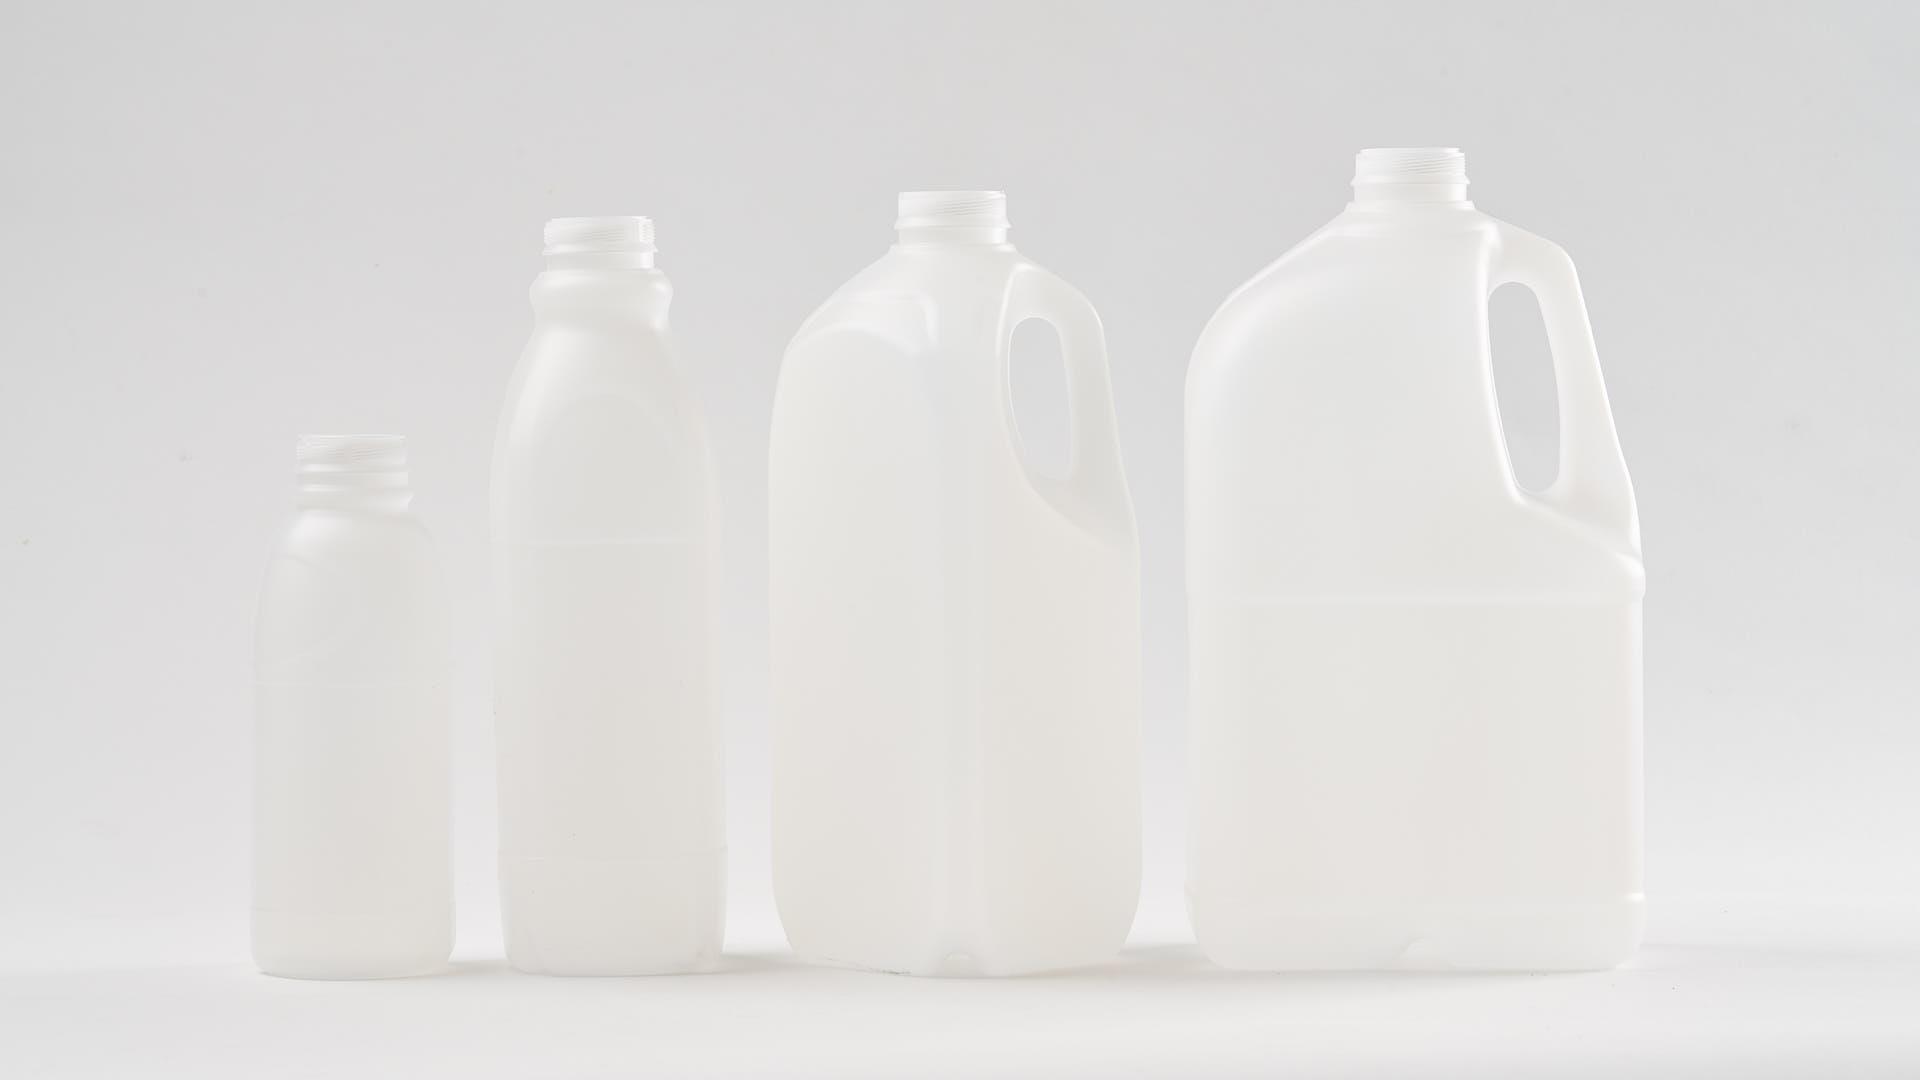 milk-and-juice-bottles